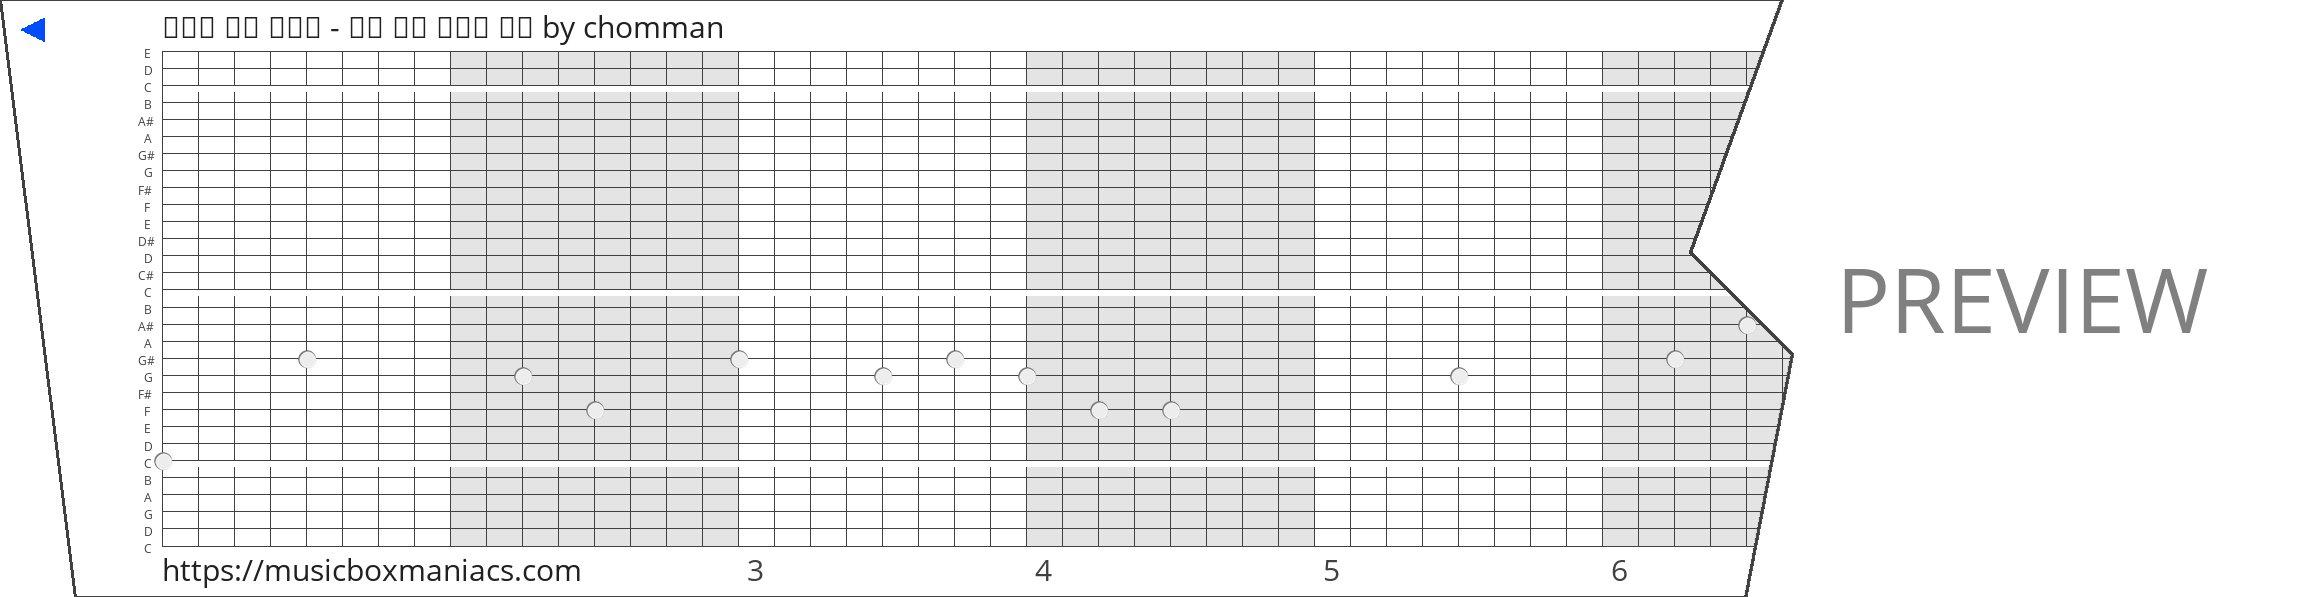 노래를 찾는 사람들 - 솔아 솔아 푸르른 솔아 30 note music box paper strip